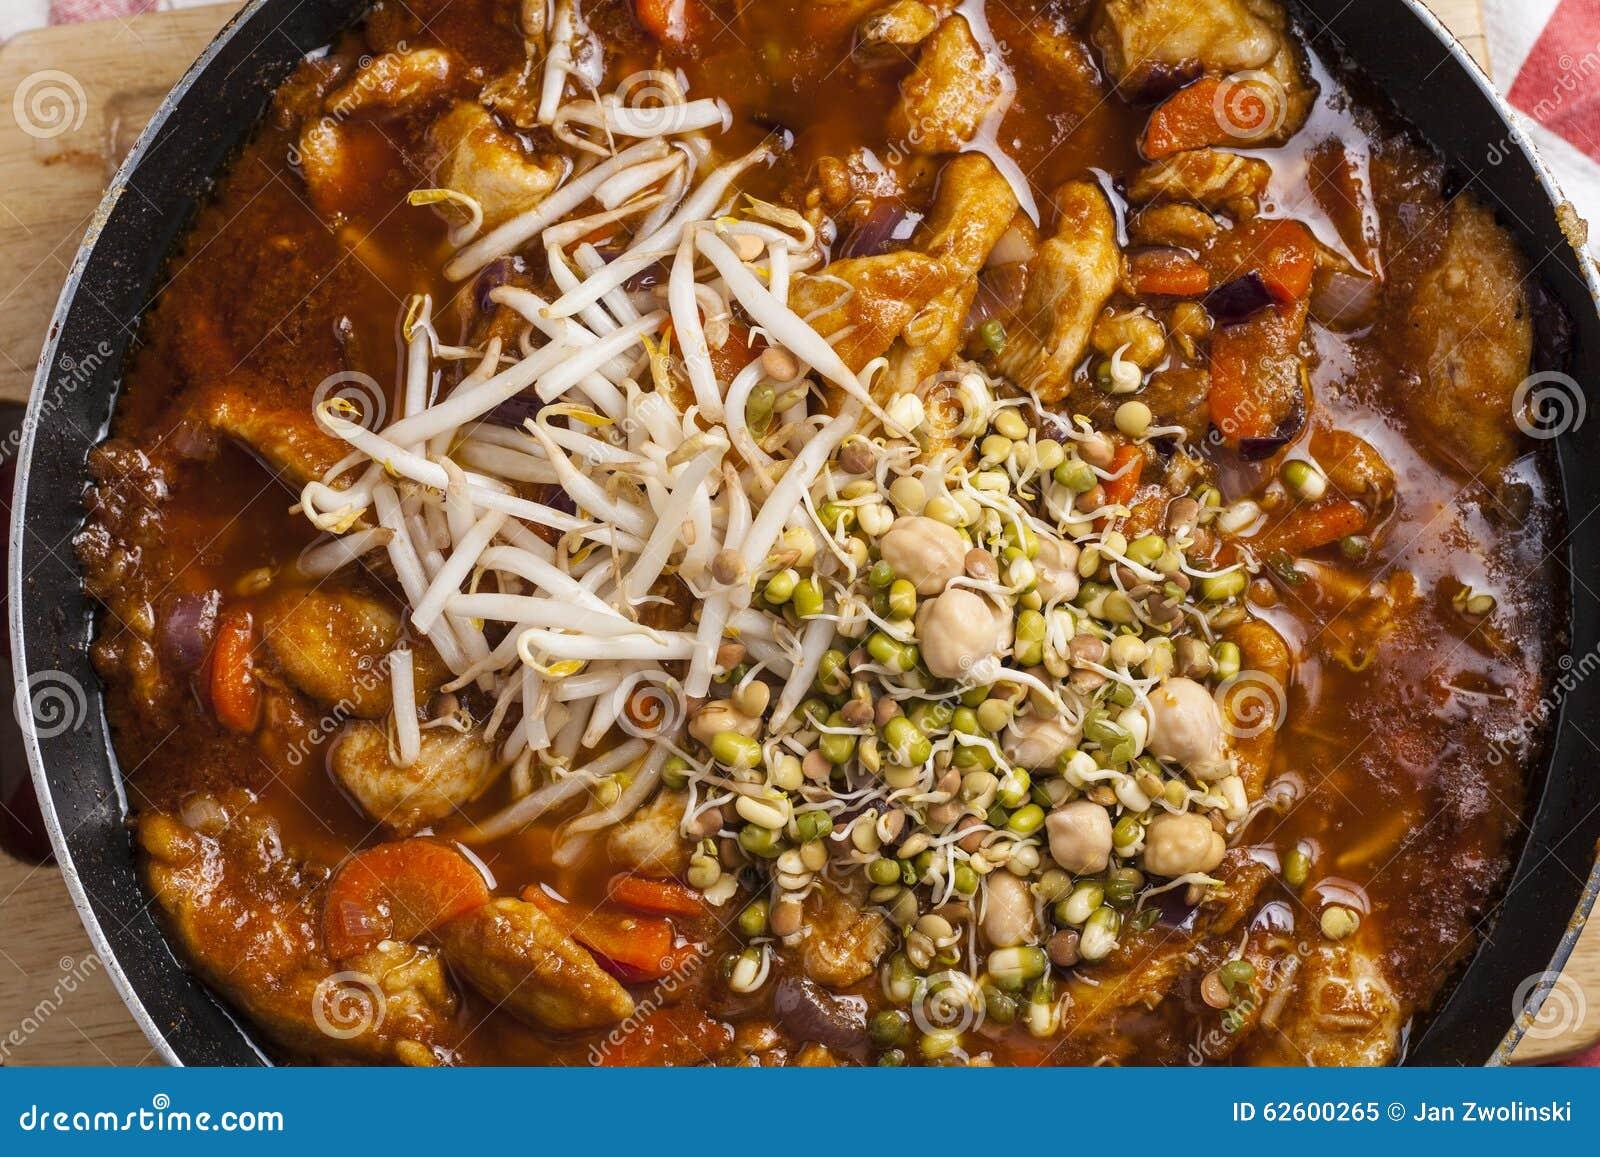 Pollo De Szechuan Cocinado En El Sartén Imagen de archivo - Imagen ...